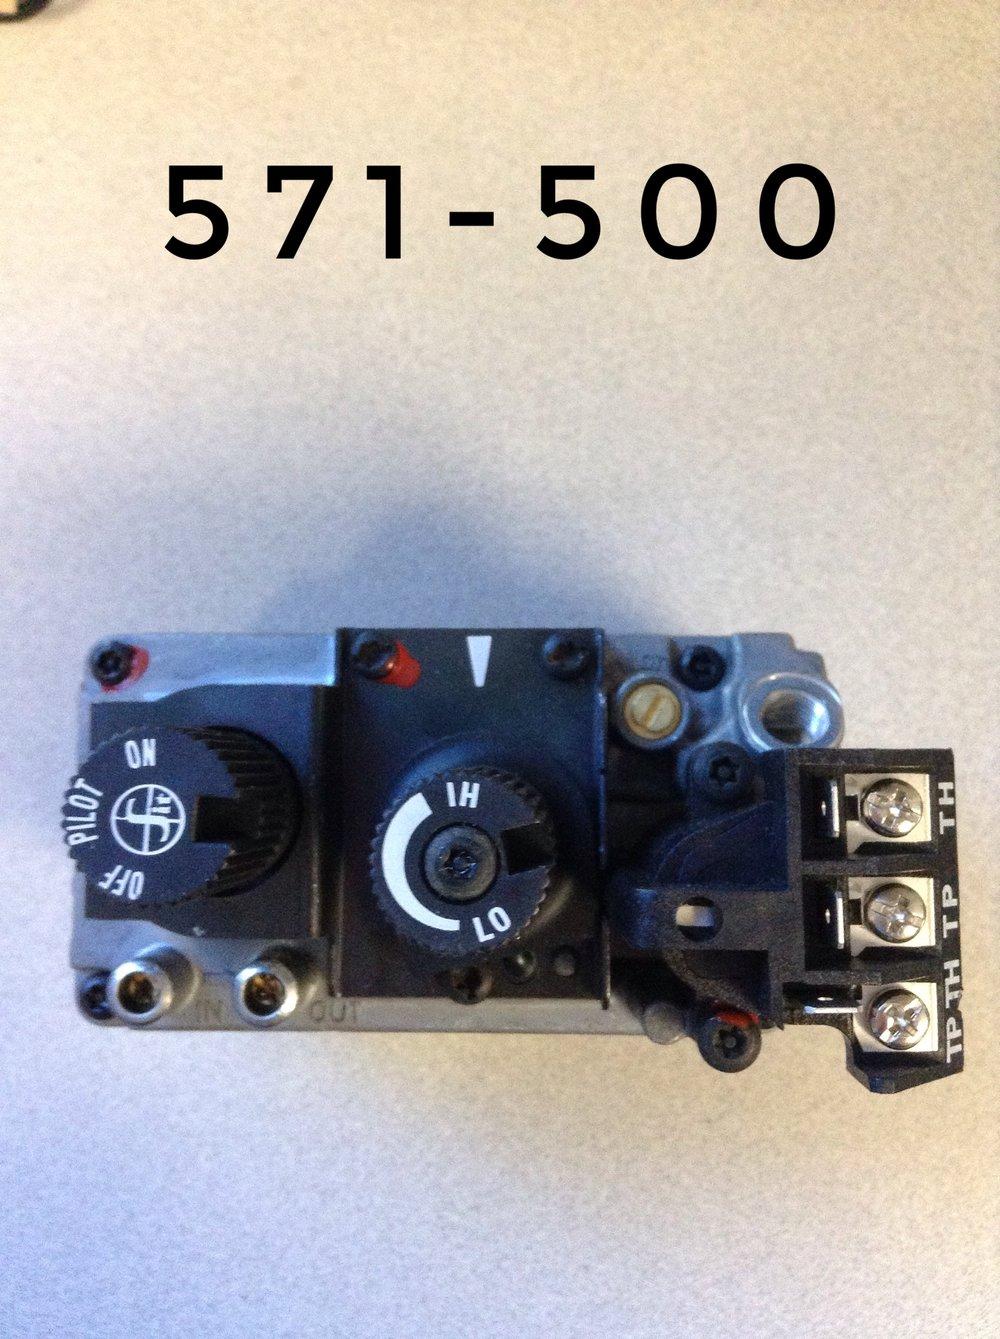 571-500 (1).JPG